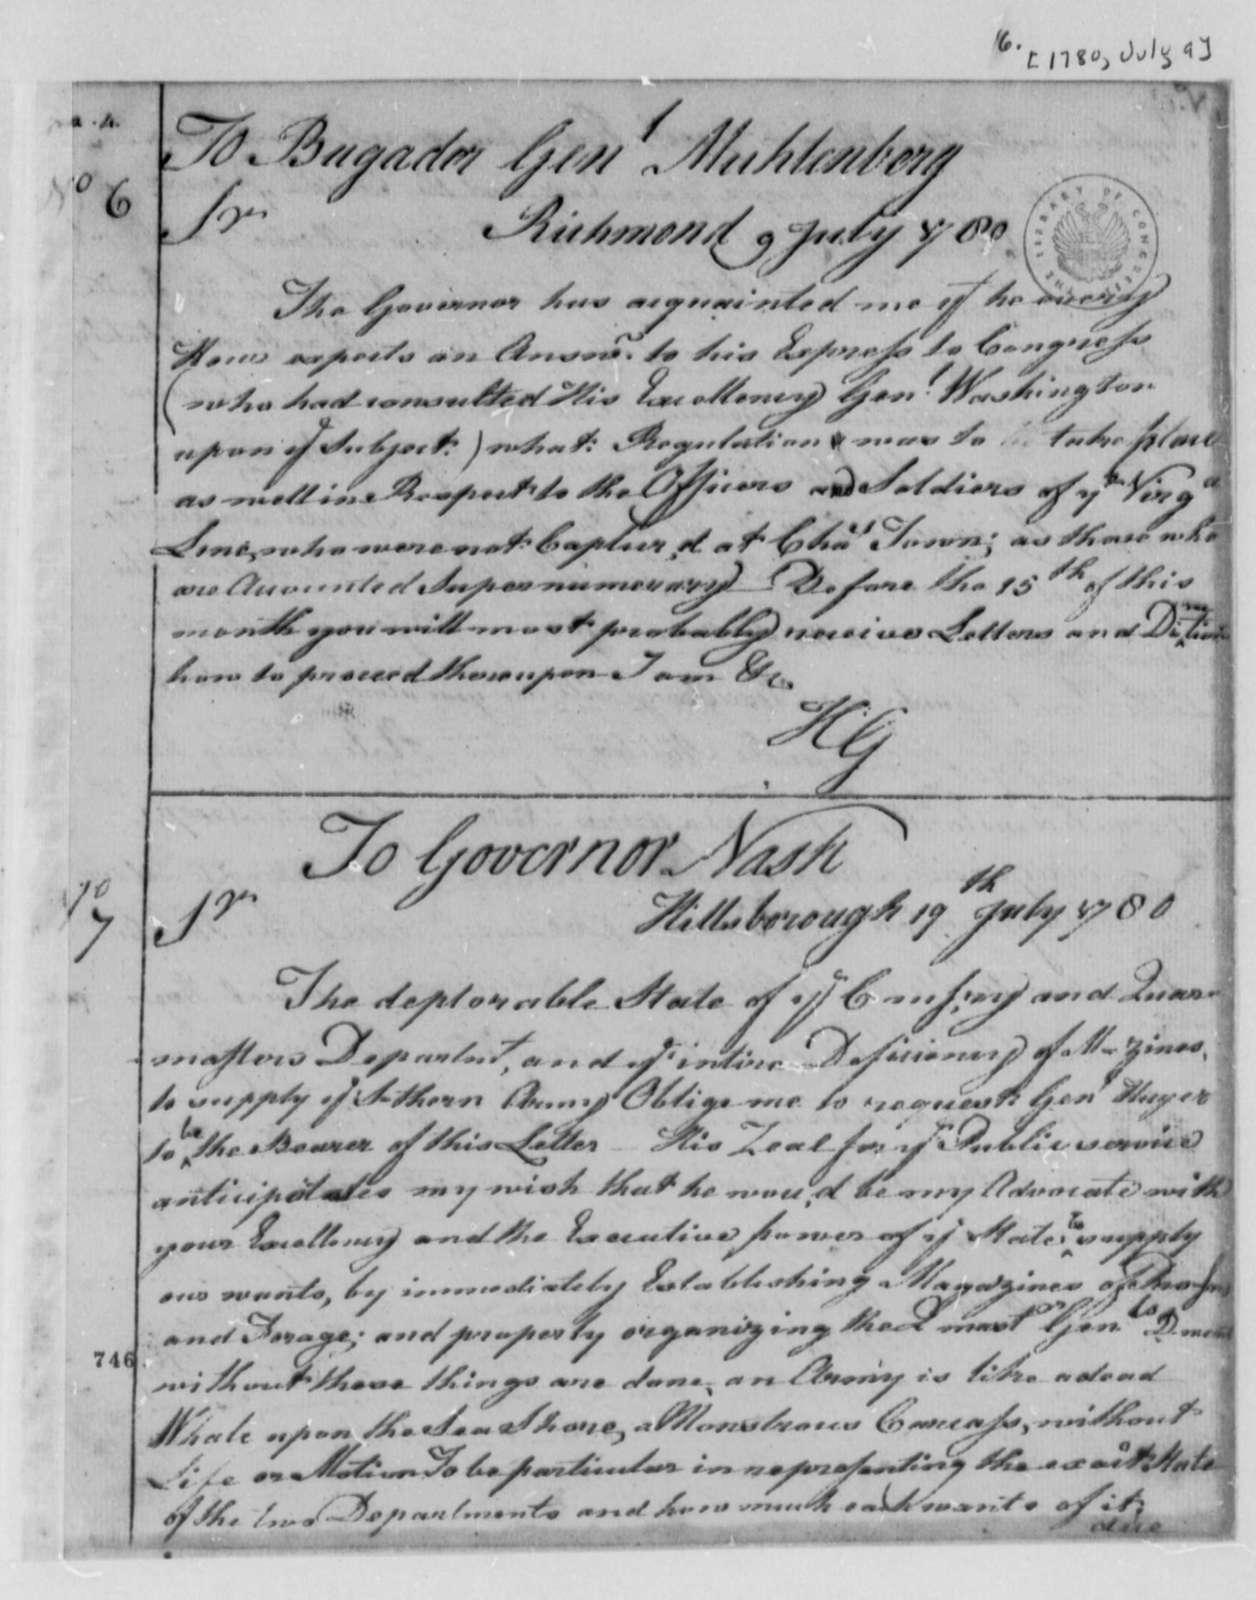 Horatio Gates to John P. G. Muhlenberg, July 9, 1780